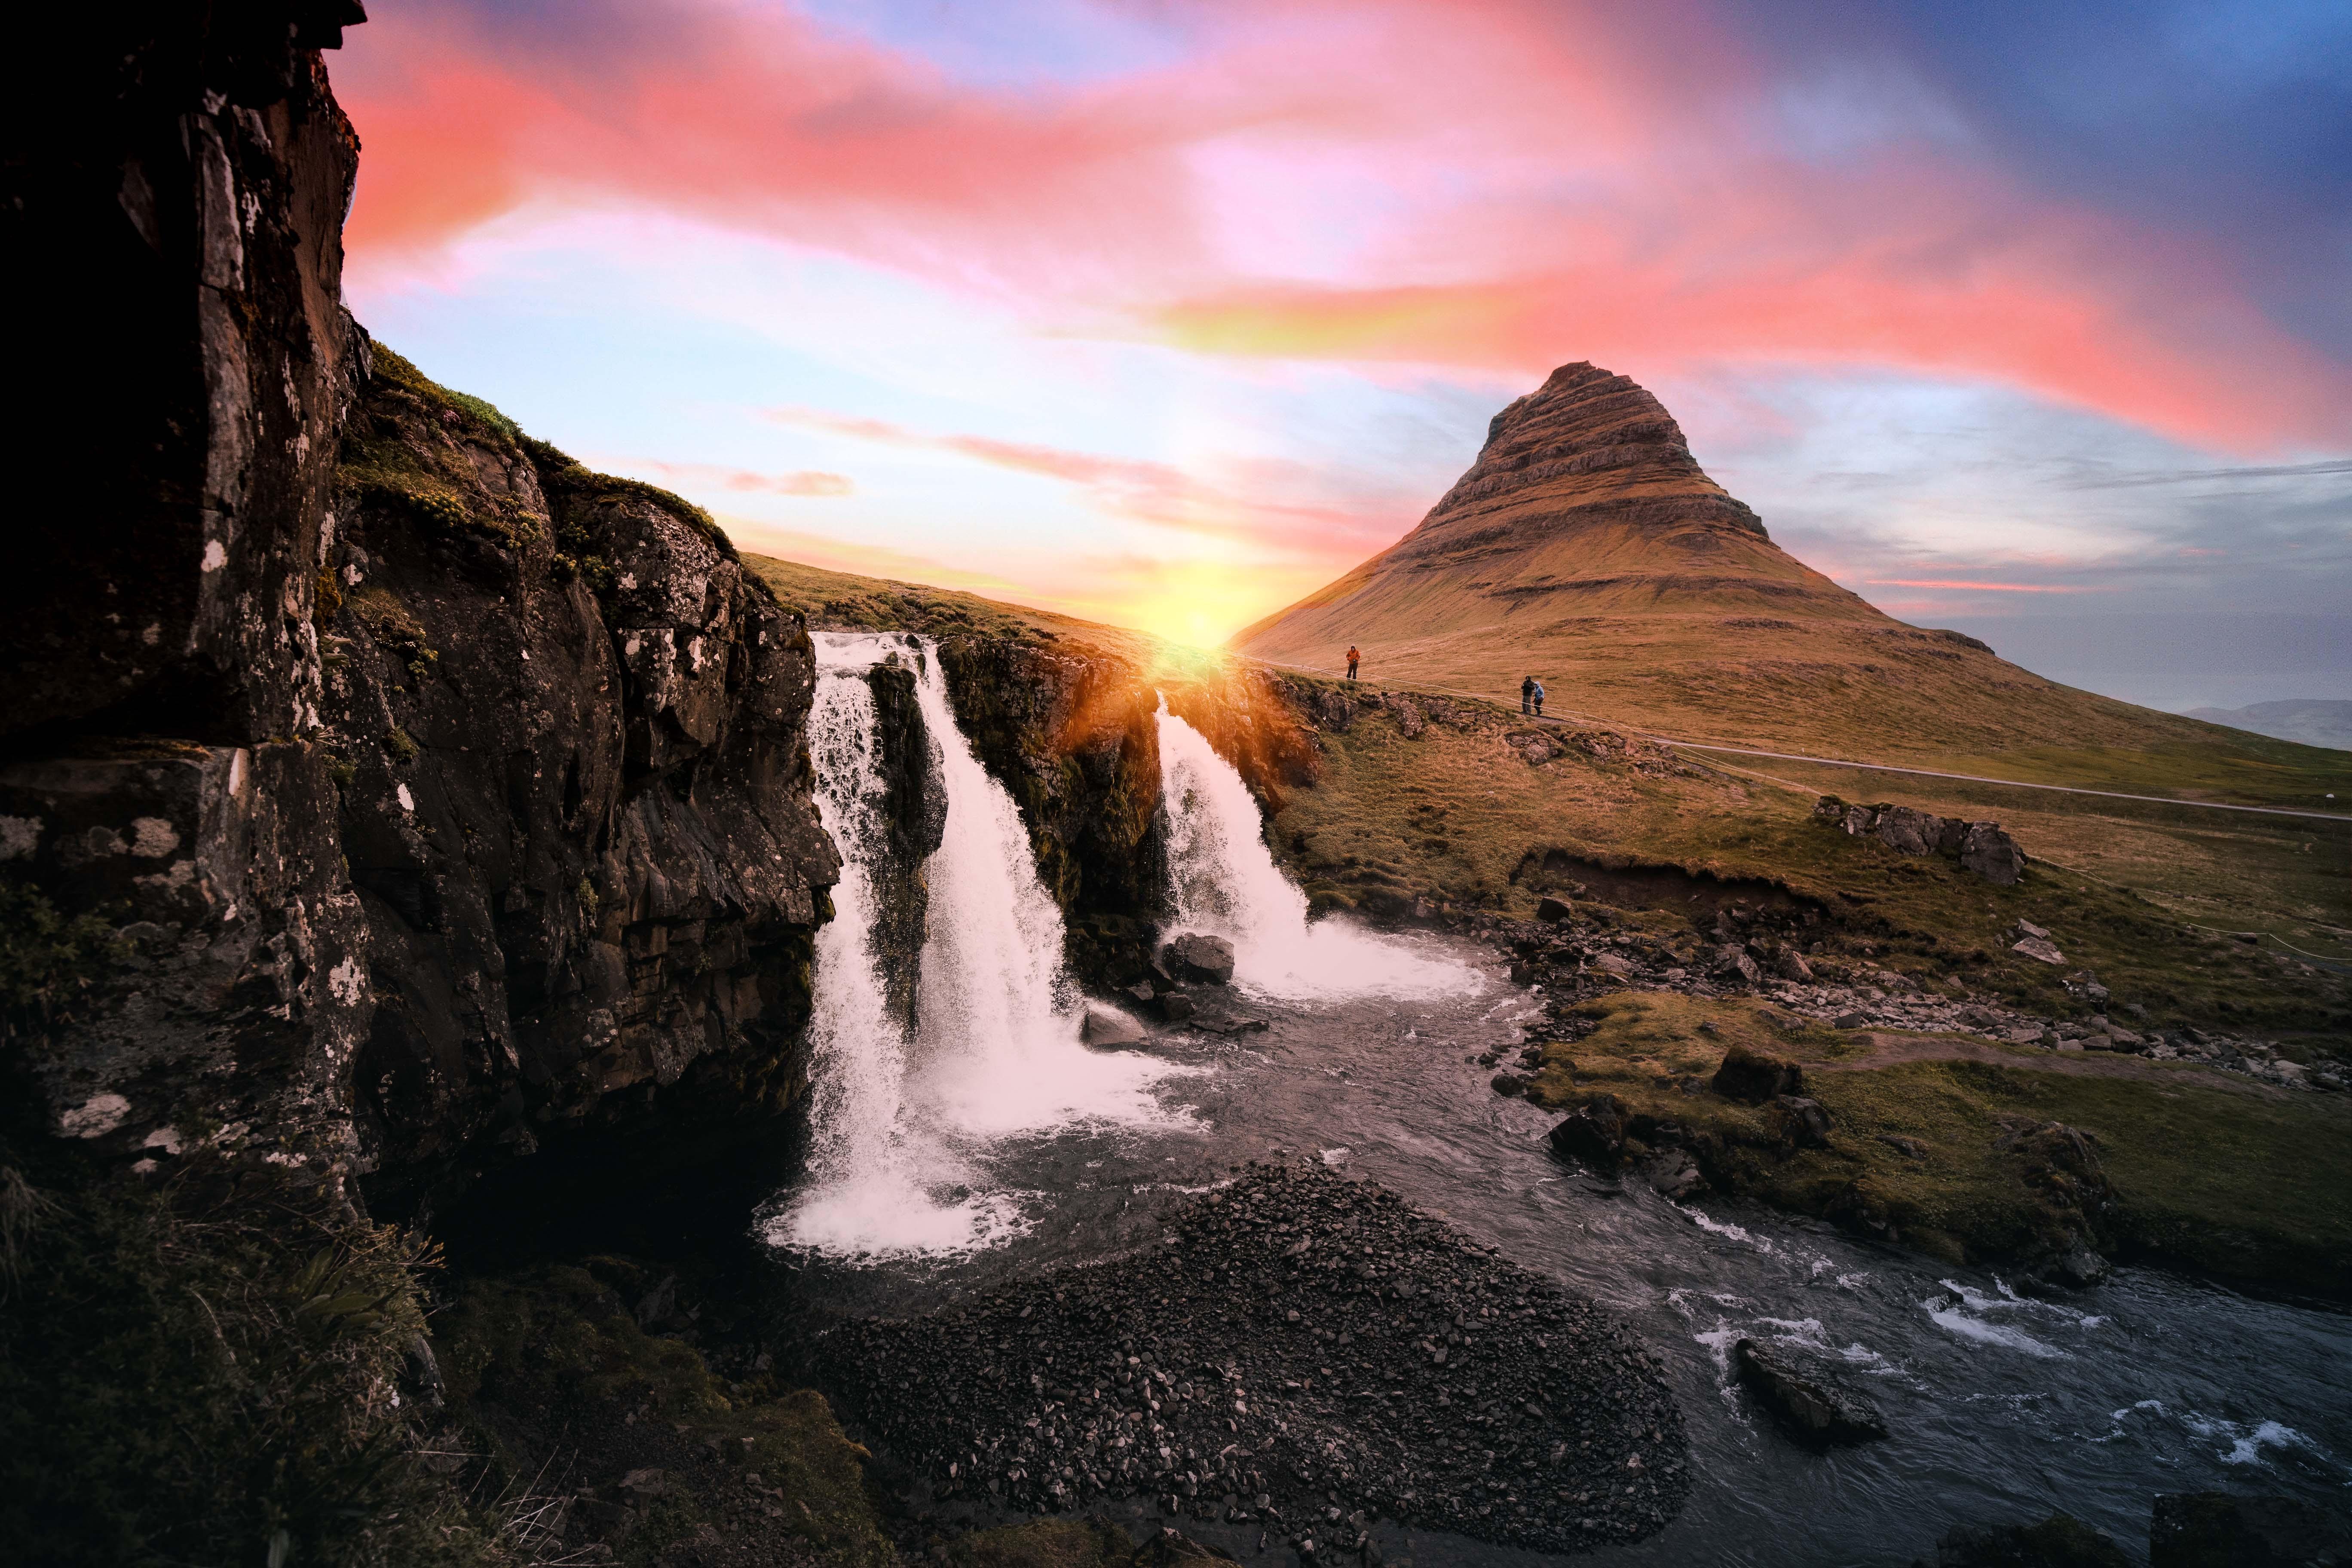 Kirkjufellsfoss-vattenfallet rinner sakta i förgrunden medan solen går ned